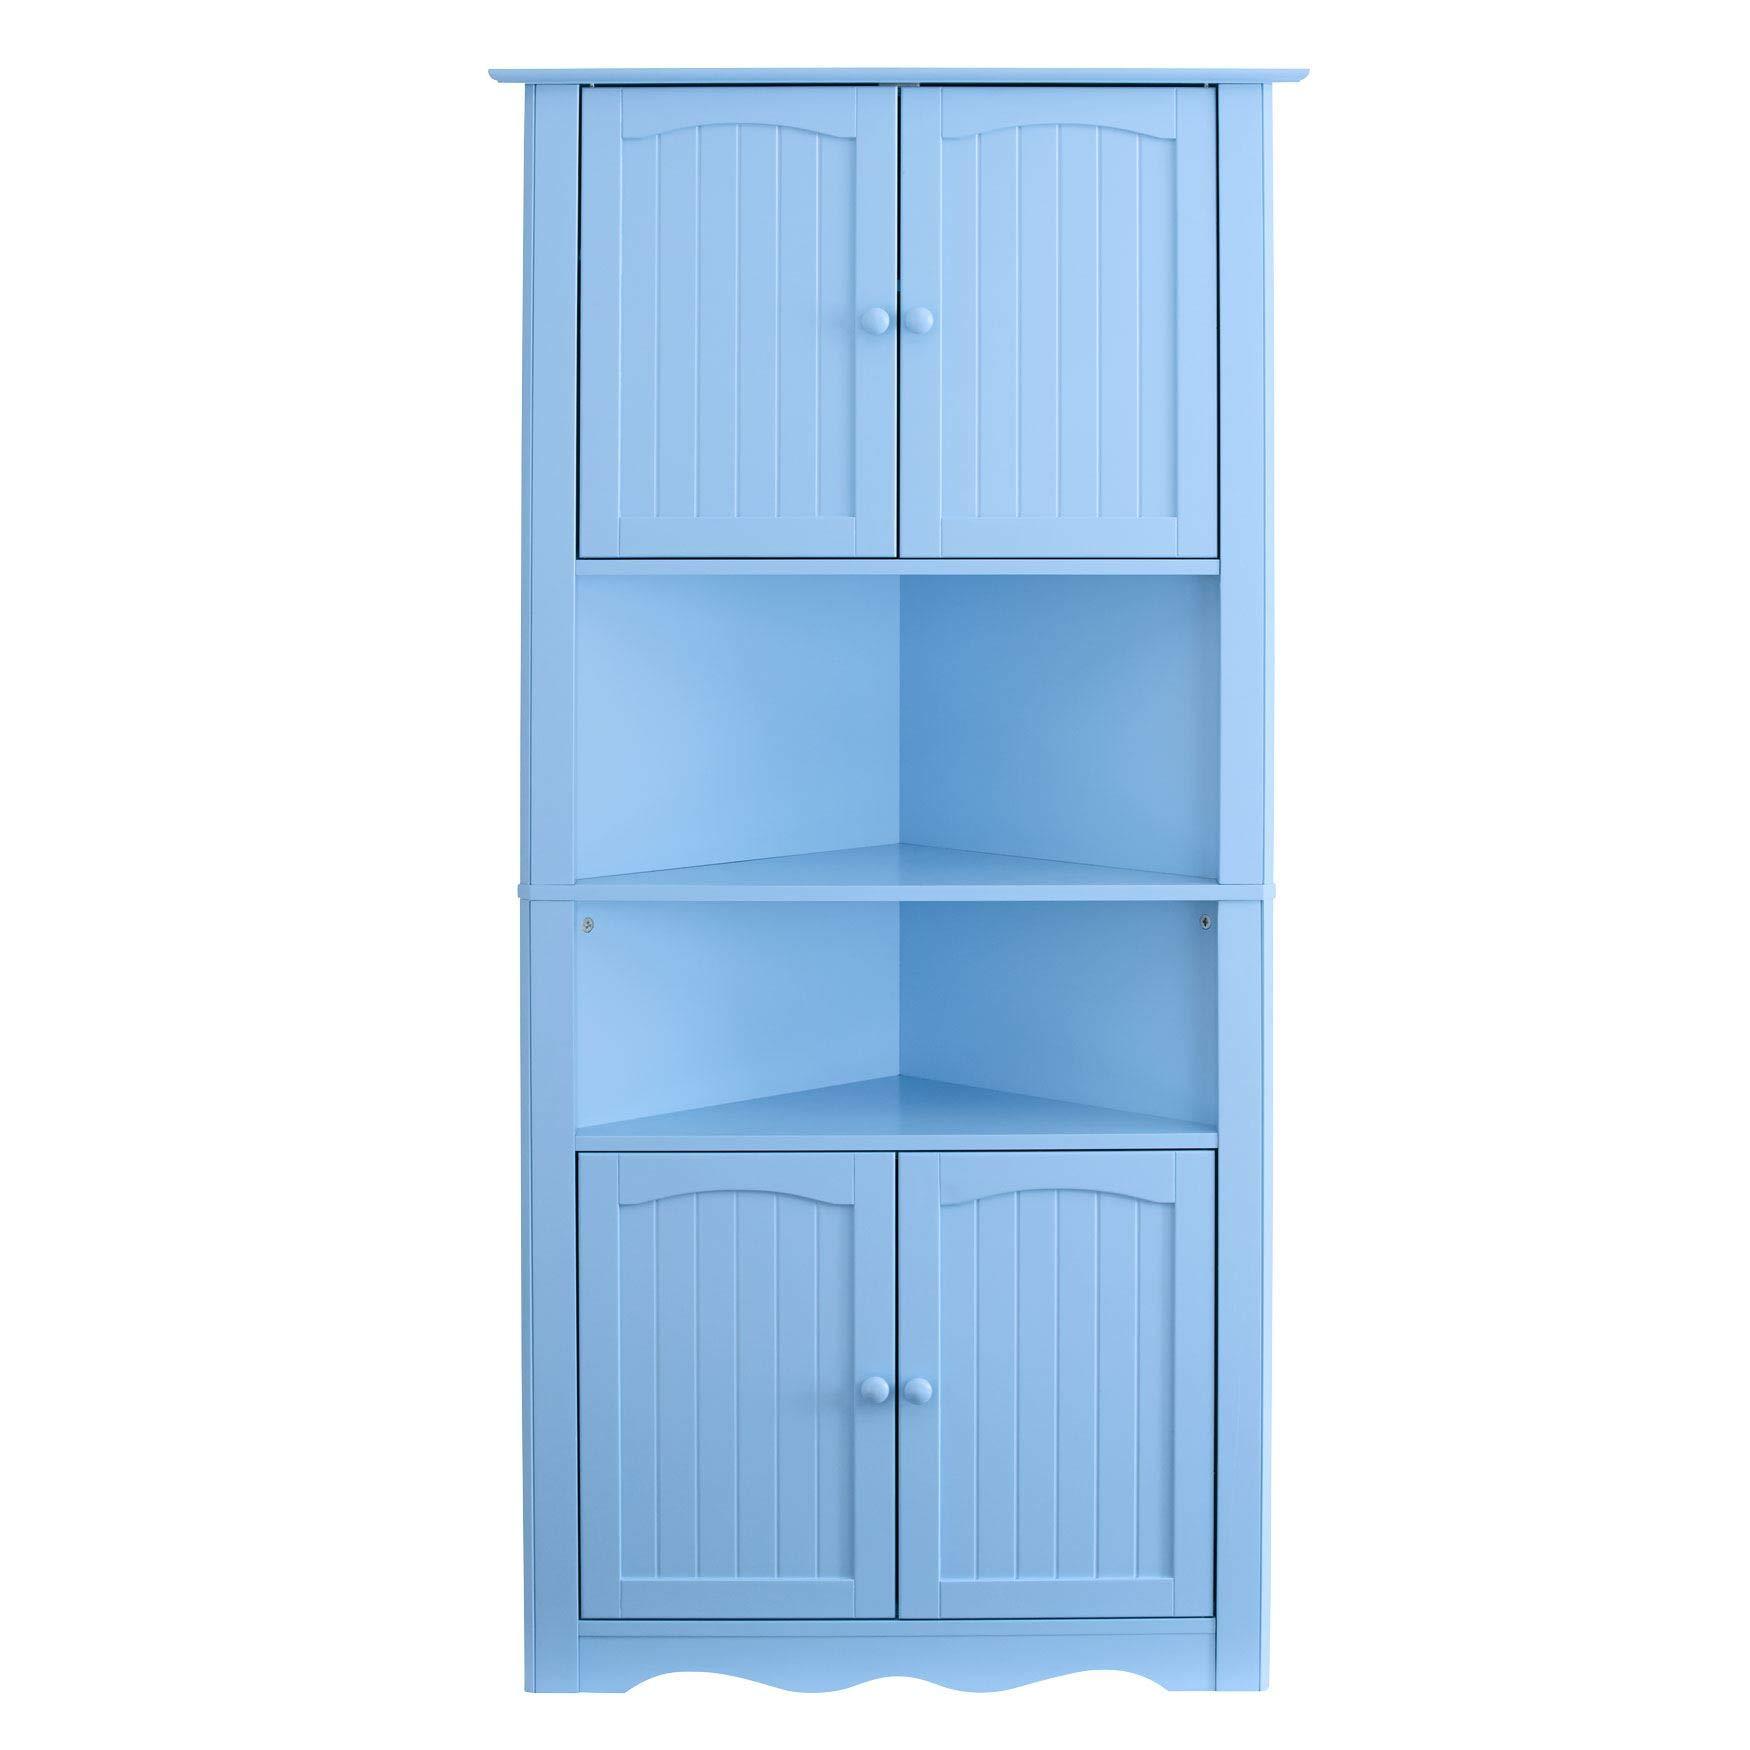 BrylaneHome Cottage Kitchen Corner Cabinet - Light Blue